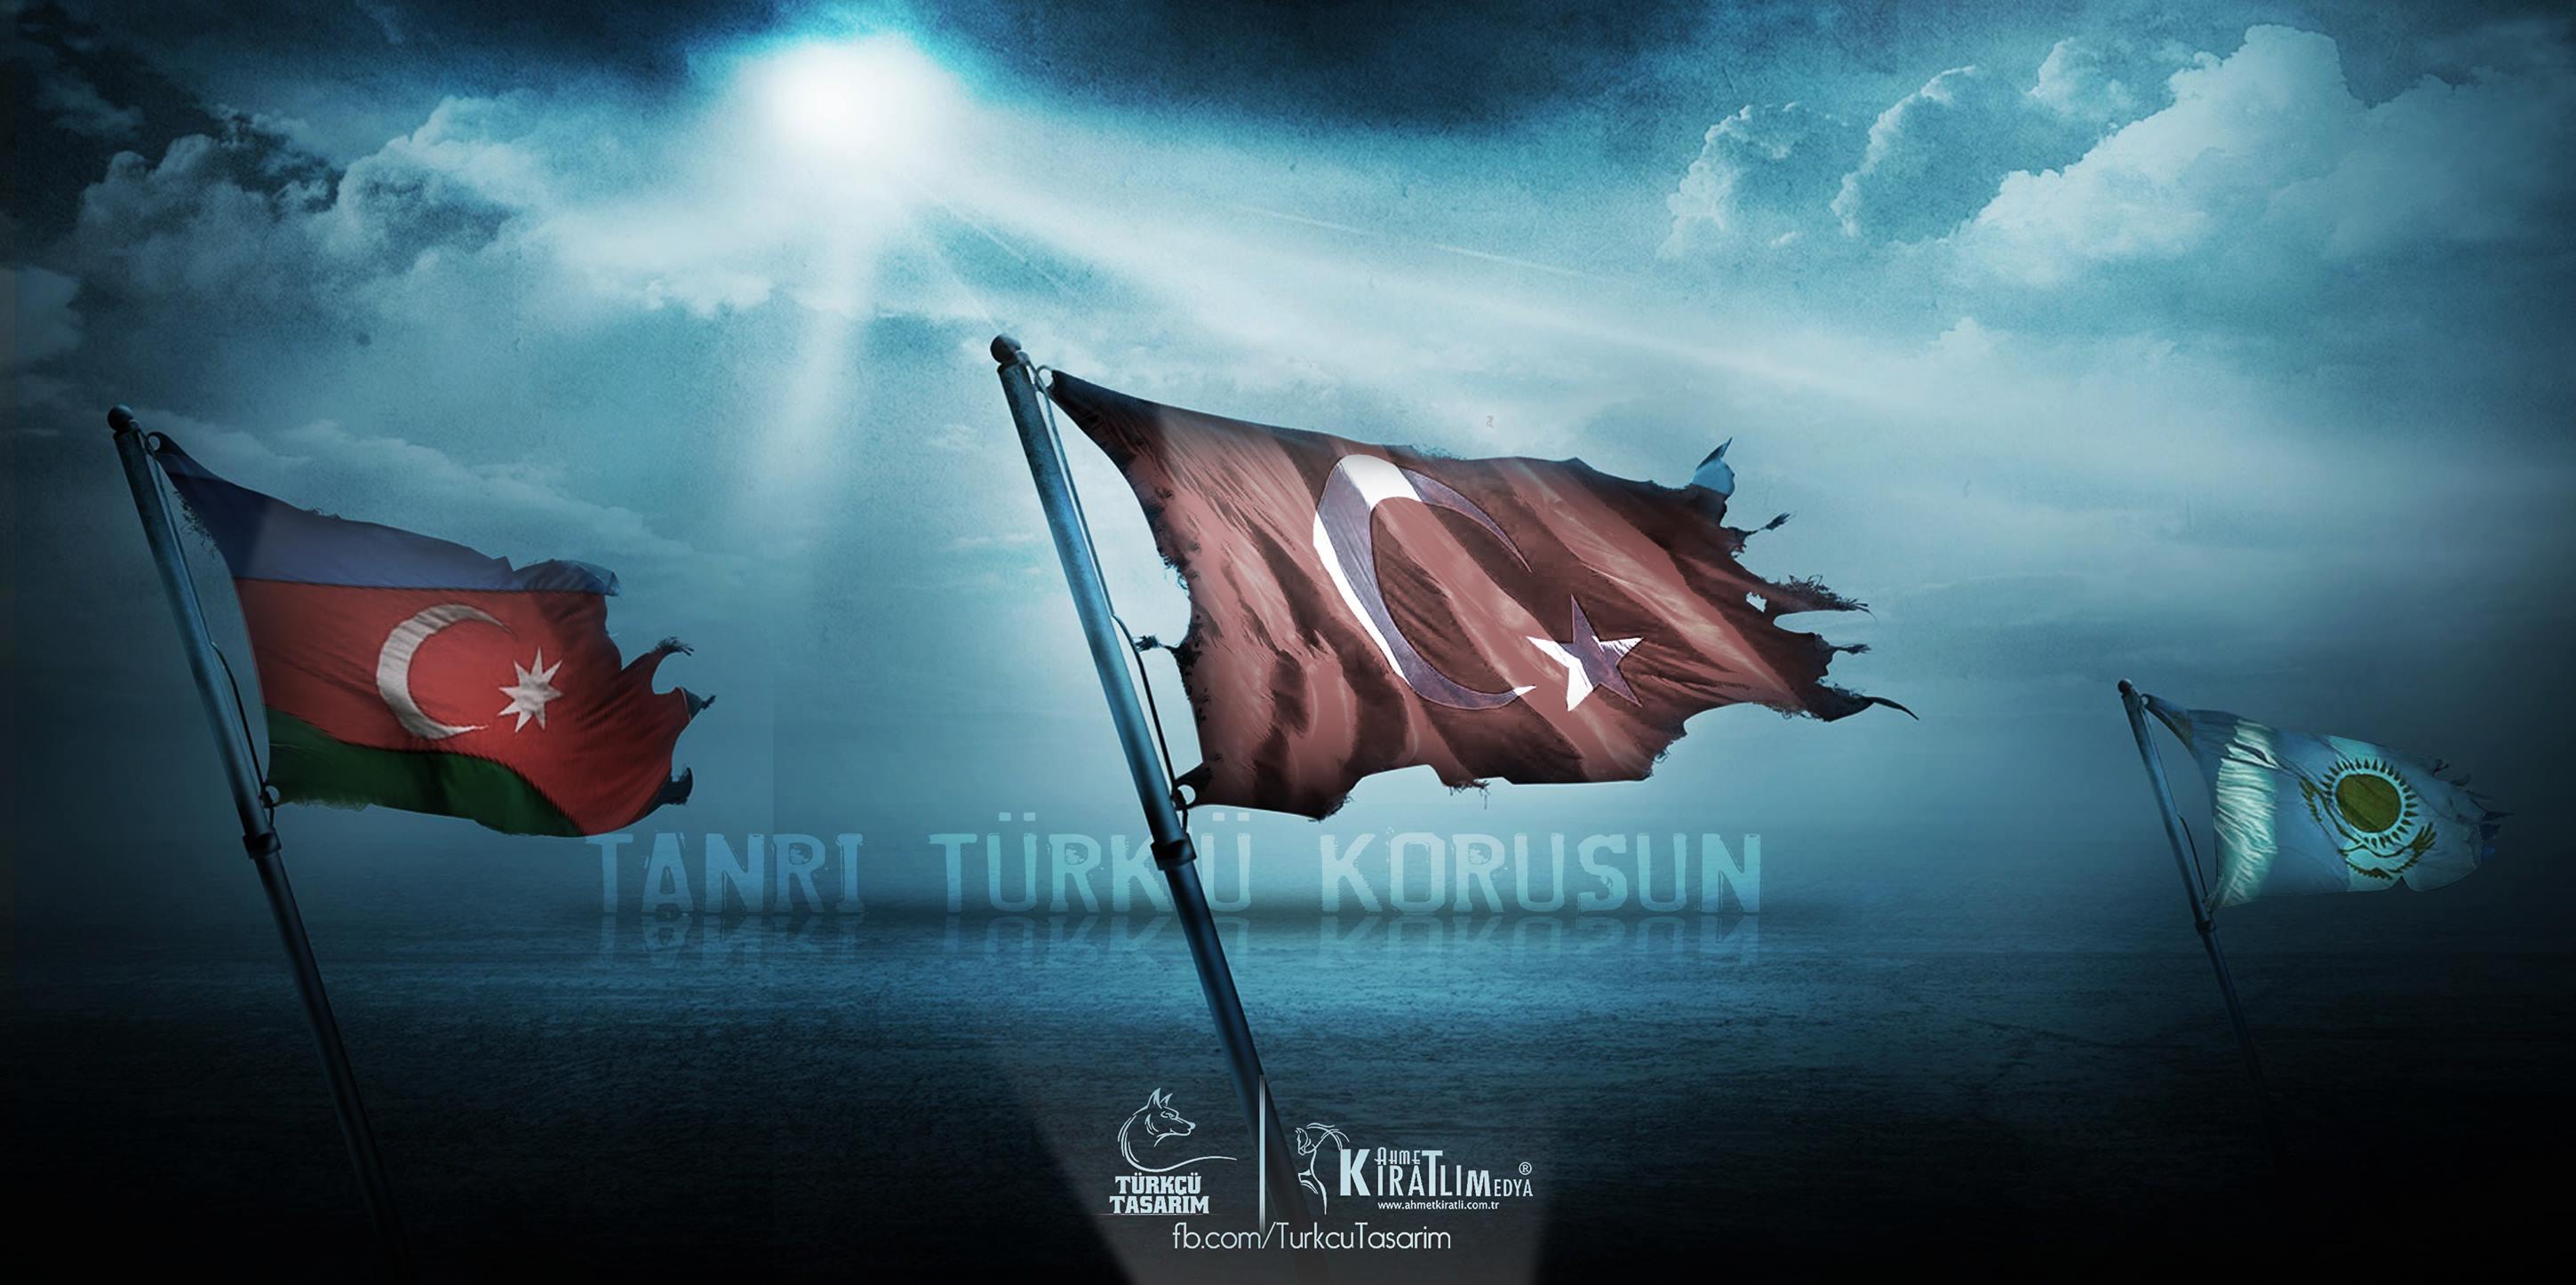 tanrı türkü korusunn -kapak